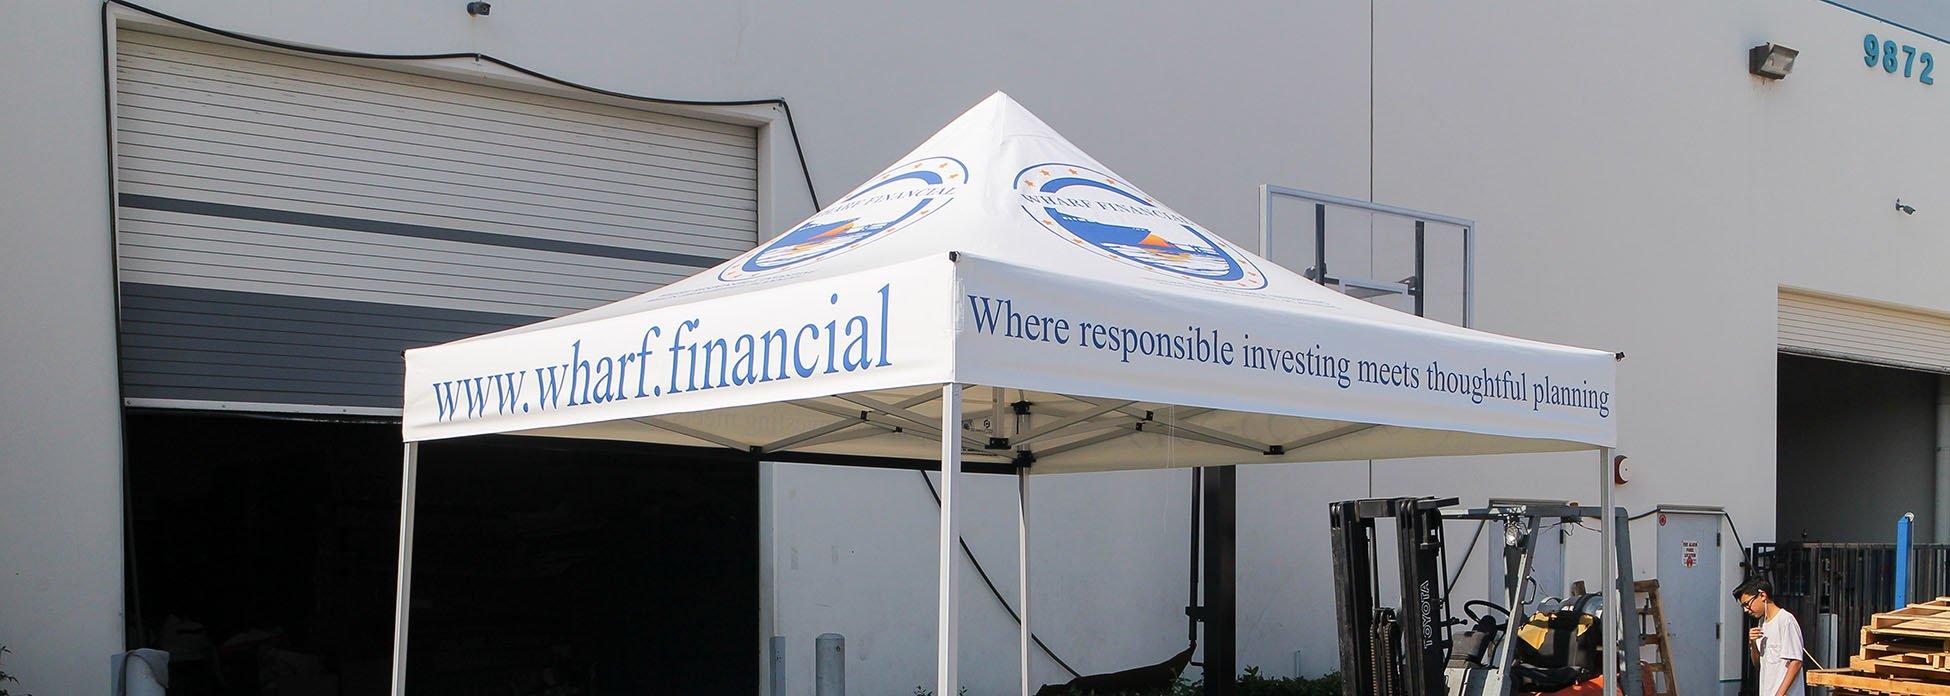 wharf-financial-header.jpg